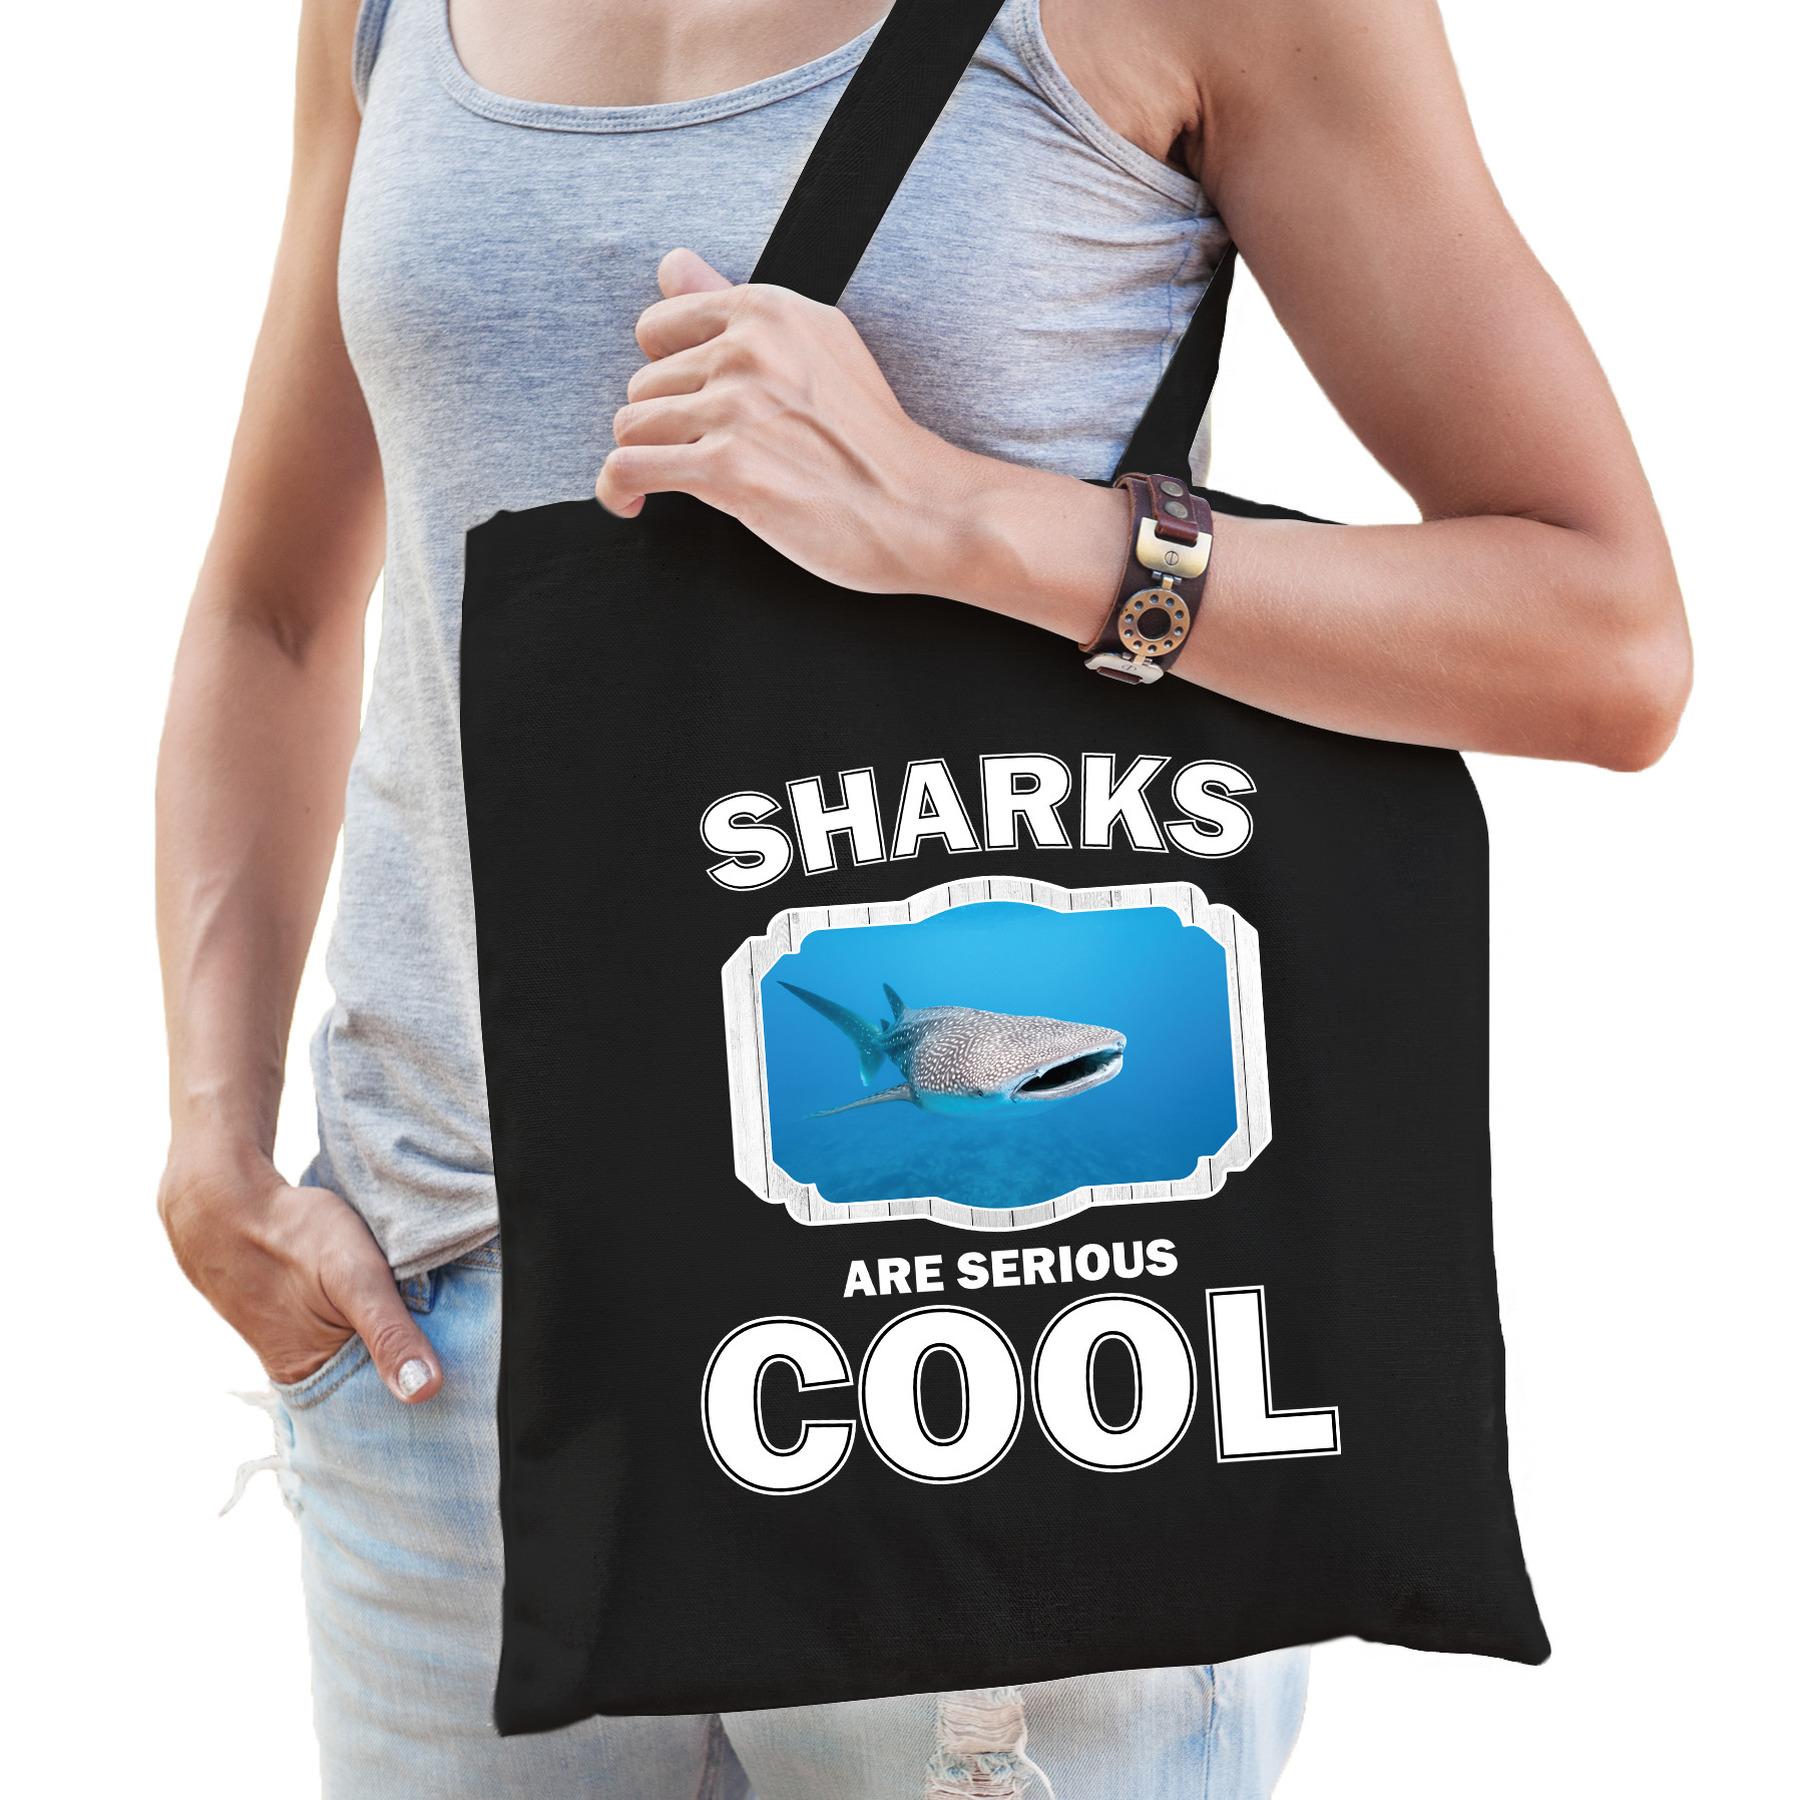 Katoenen tasje sharks are serious cool zwart - haaien/ walvishaai cadeau tas